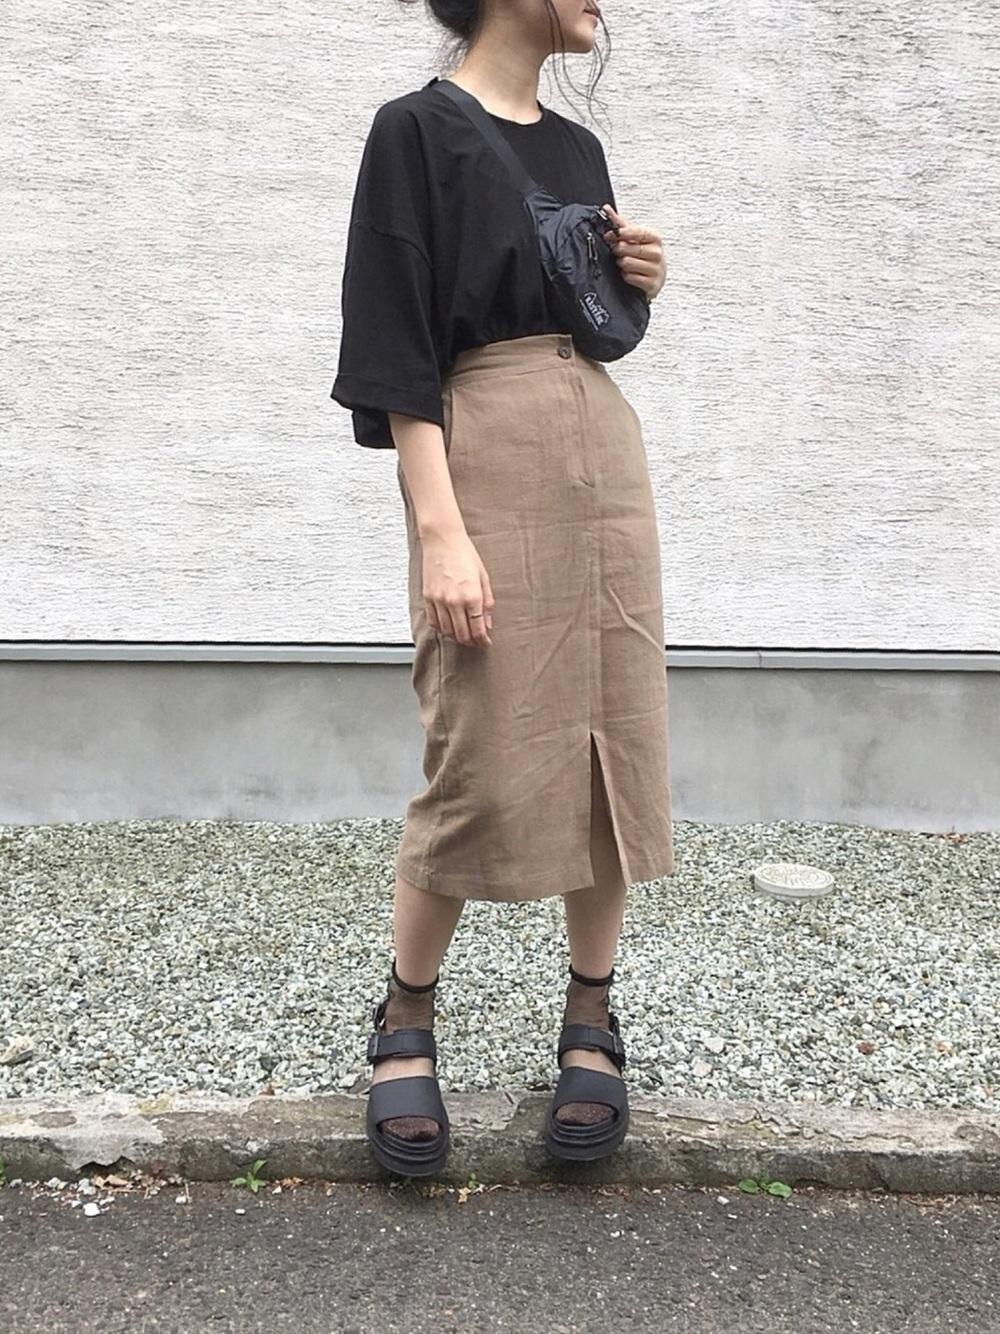 【2019春夏秋冬】Tシャツを着回し!レディースコーデをご紹介の2枚目の画像